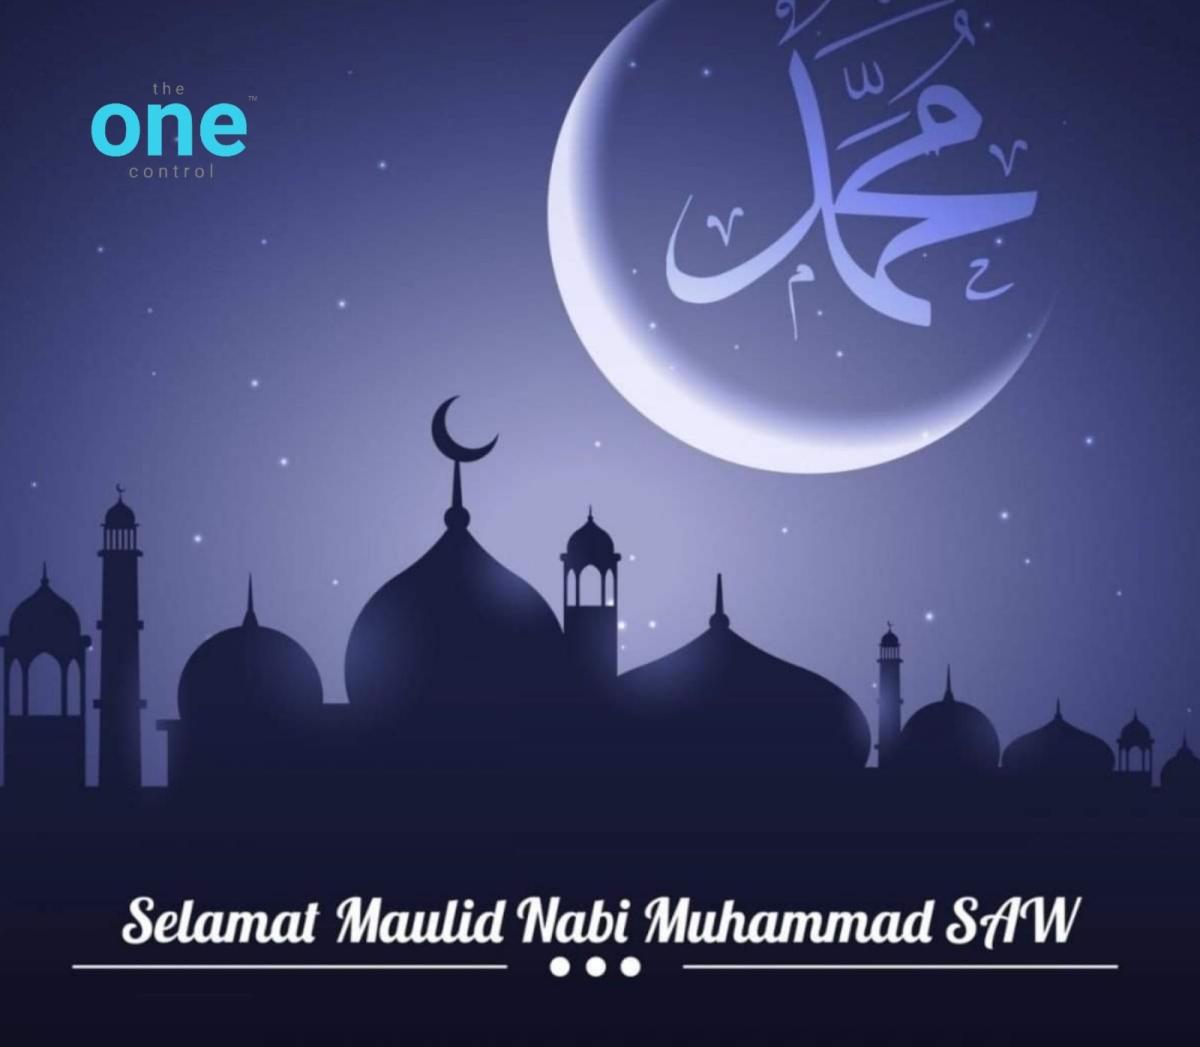 Happy Prophet Muhammad's Birthday